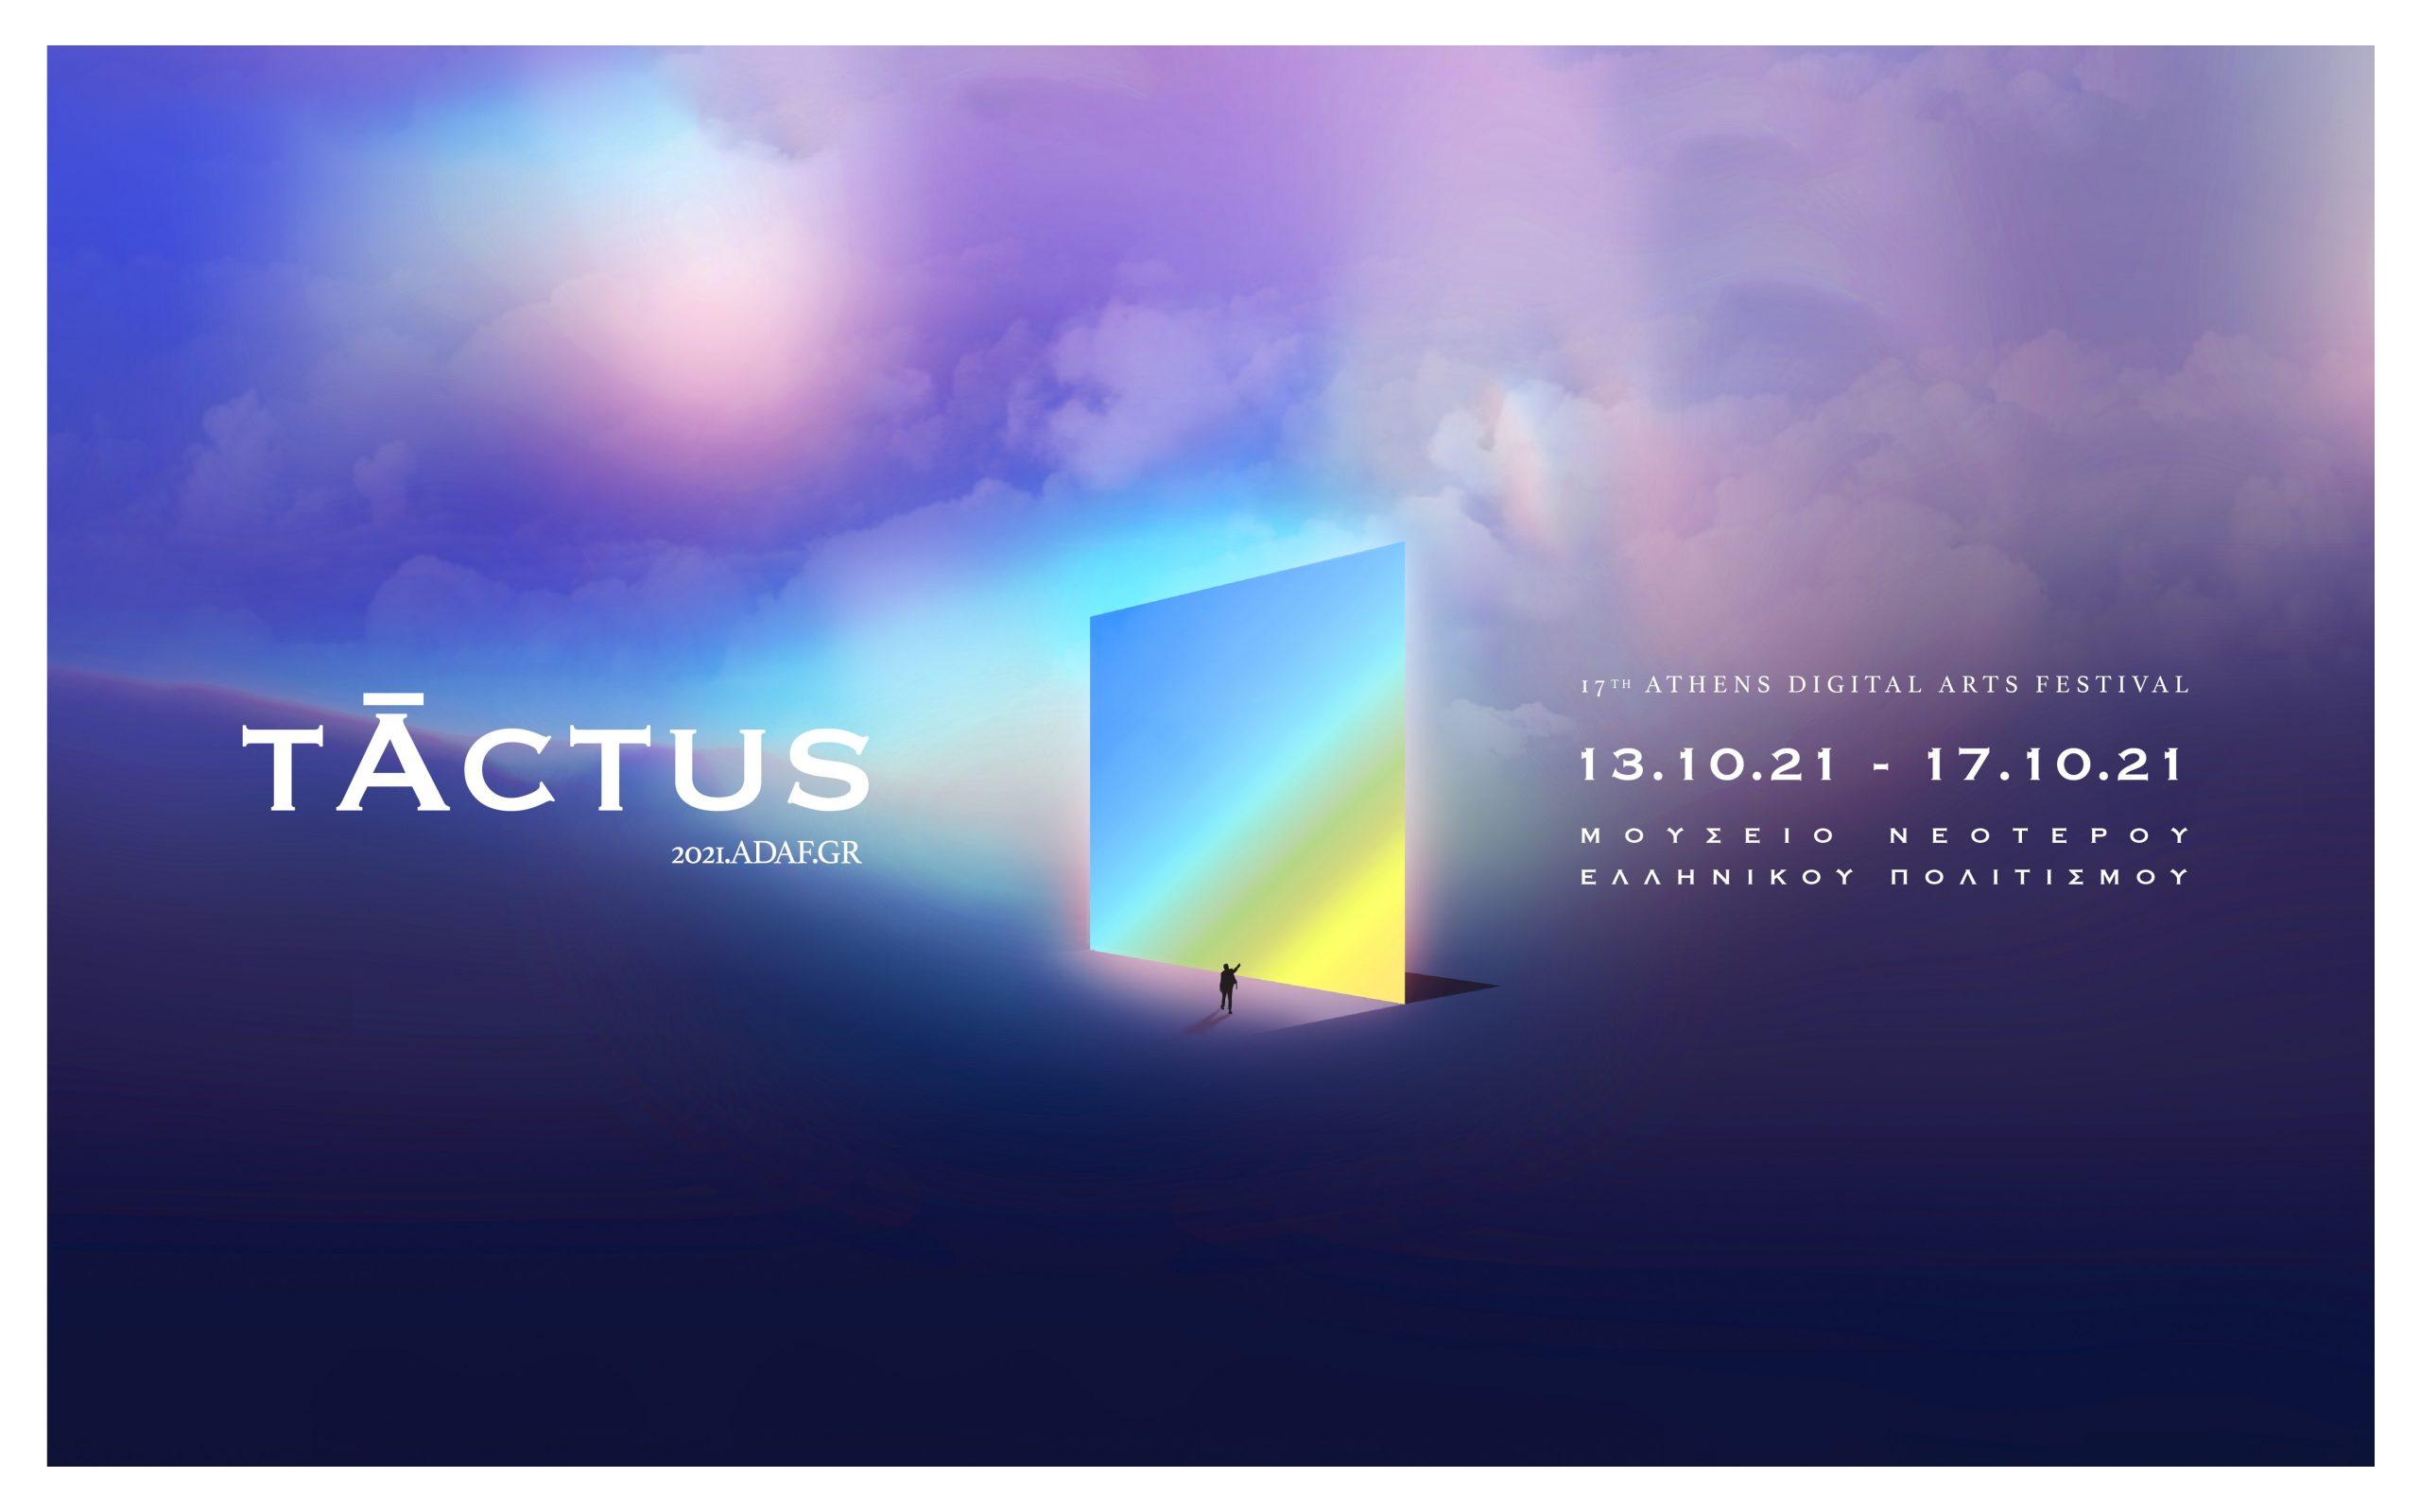 """17ο Διεθνές Φεστιβάλ Ψηφιακών Τεχνών της Ελλάδας, """"Tāctus"""""""